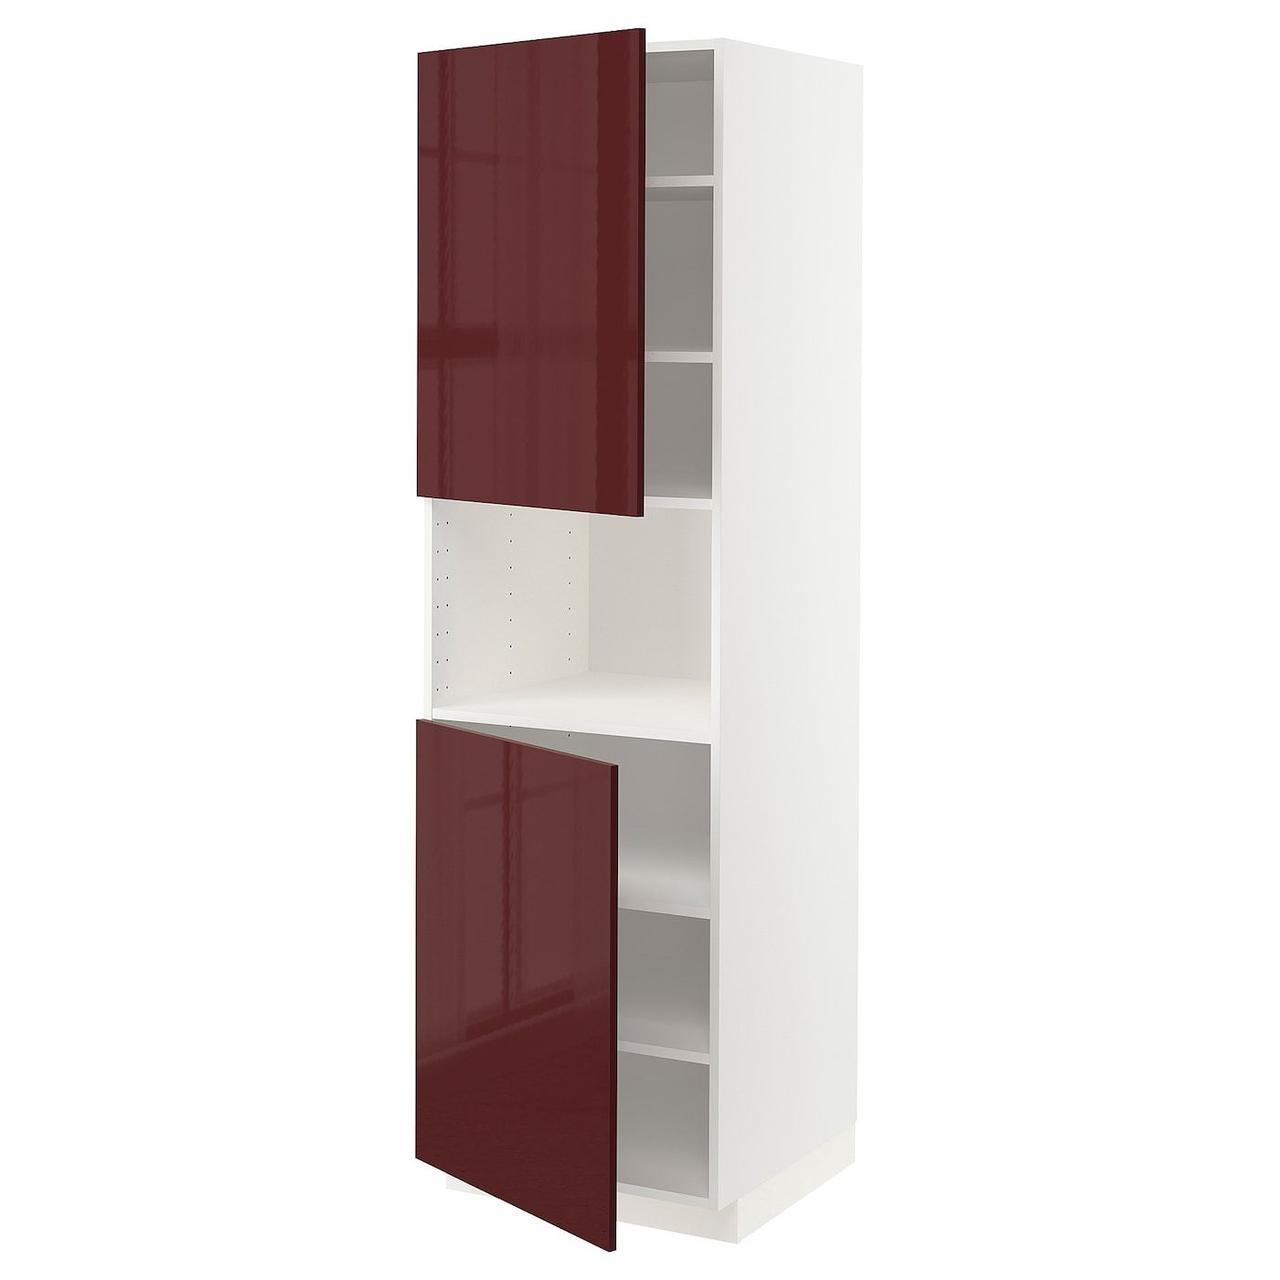 IKEA METOD (ІКЕА МЕТОДИ) 79327095